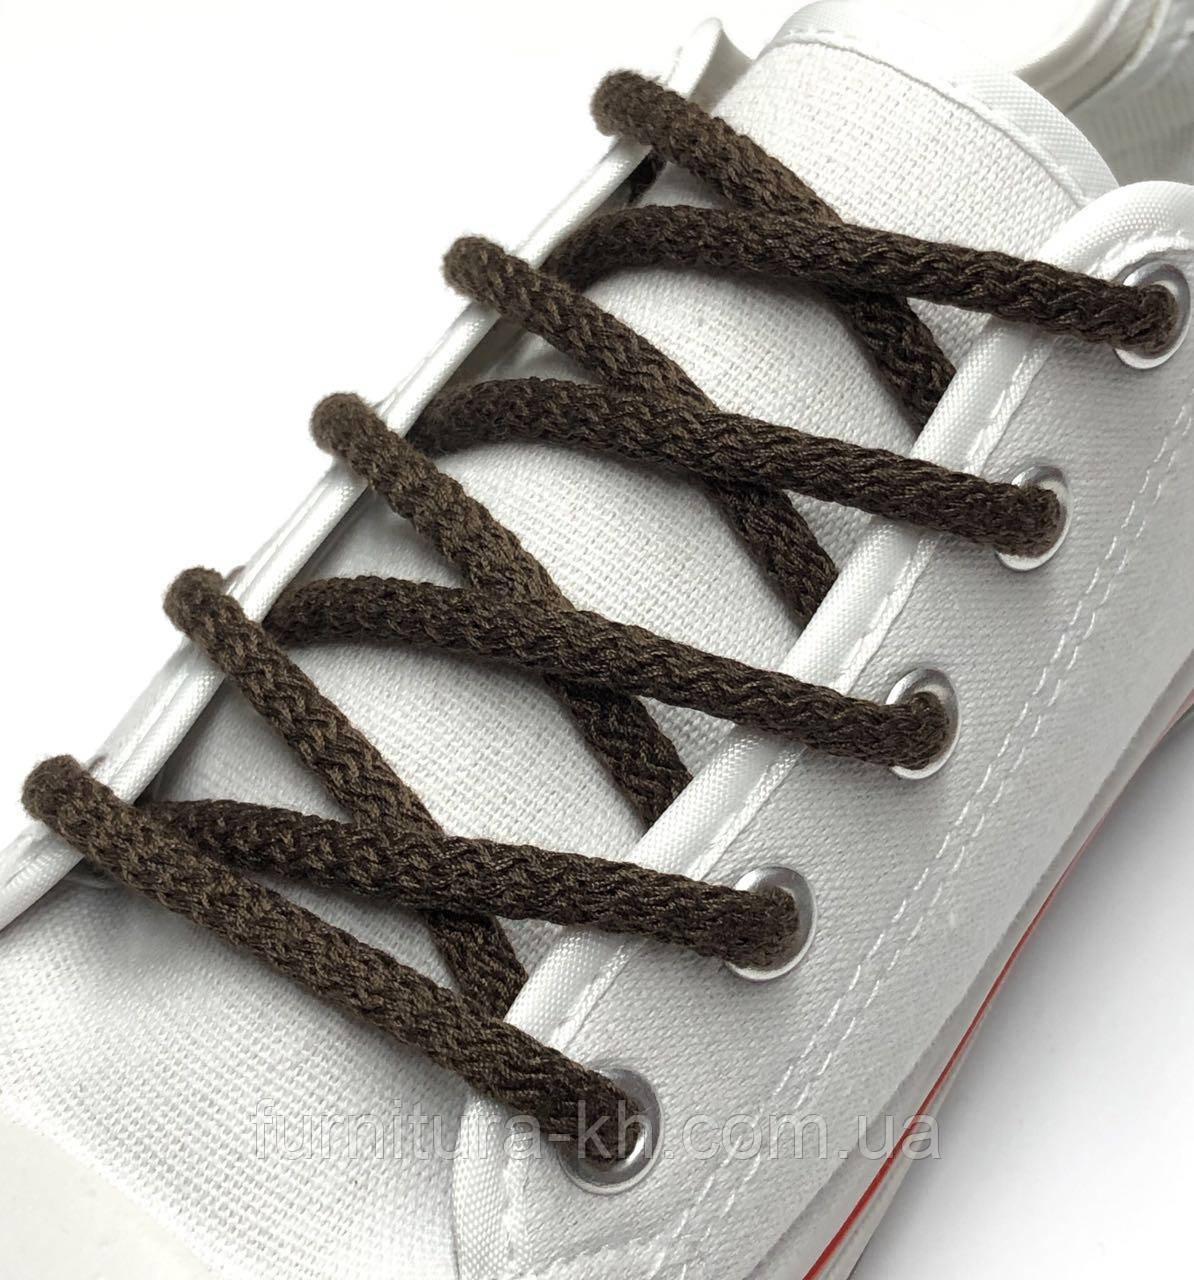 Шнурок Простой Круглый.Длинна 1,2 метр цвет Темно Коричневый (толщина 5 мм)